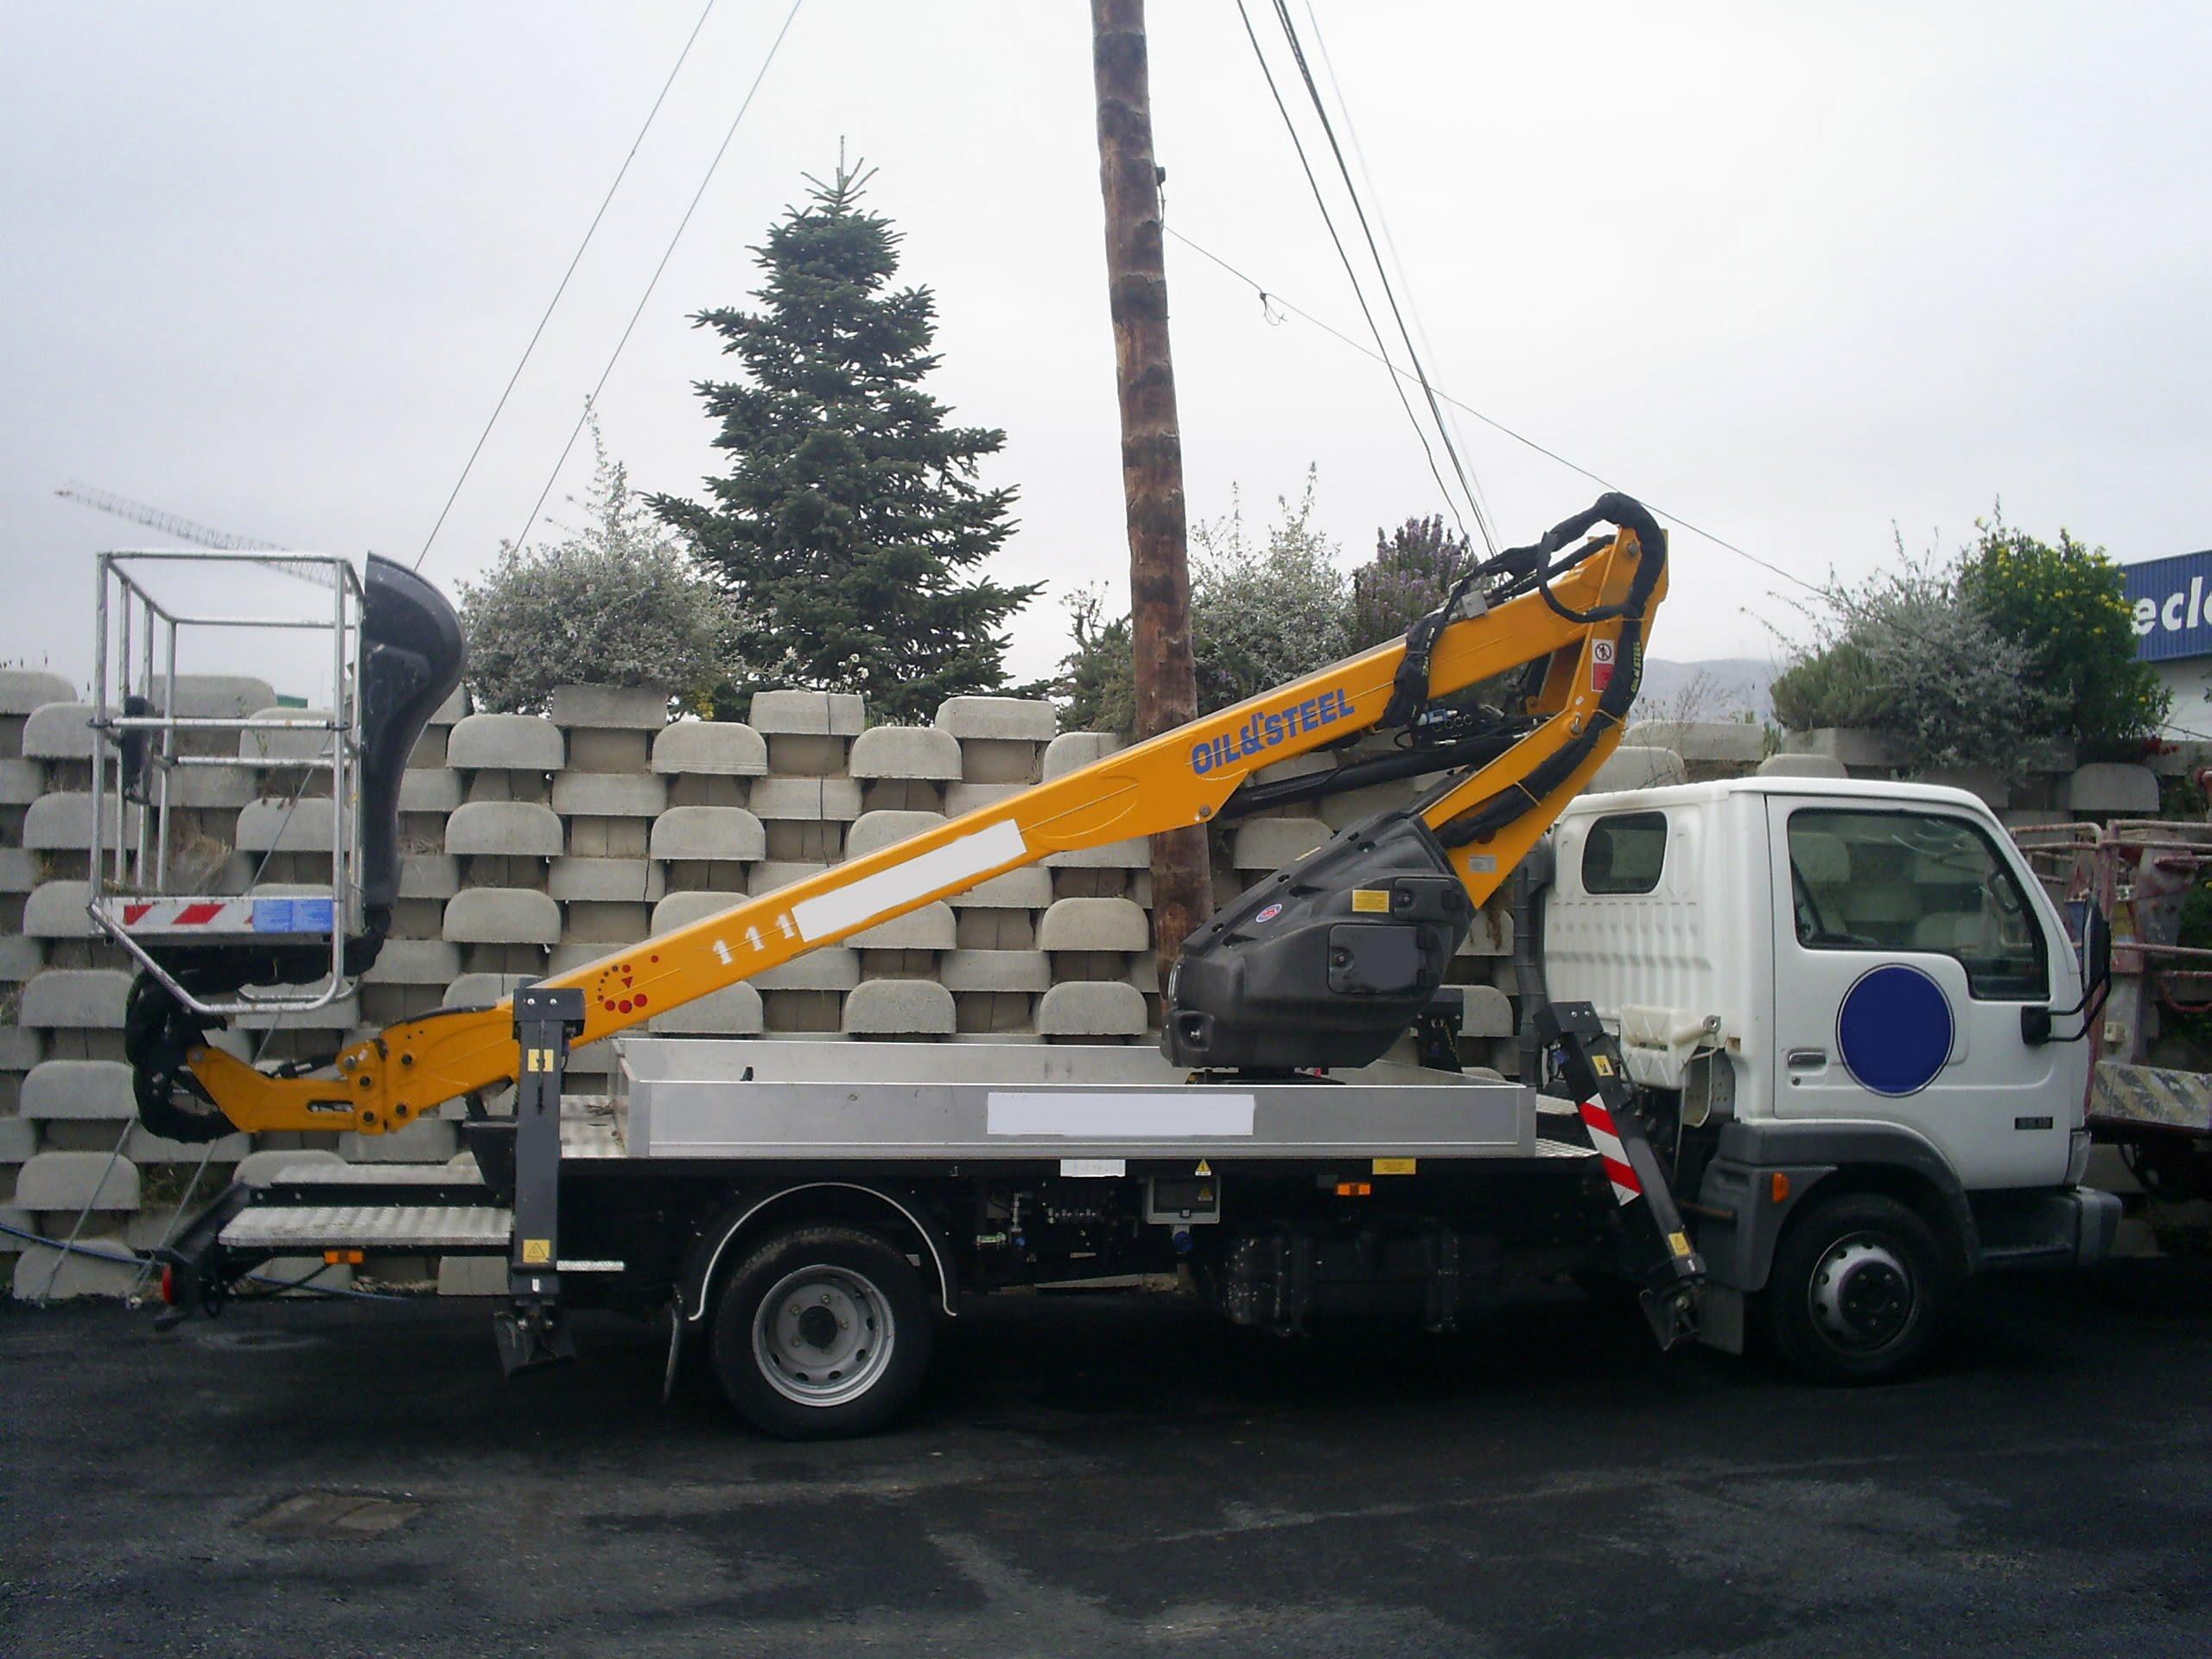 Plataforma sobre camión Modelo SCORPION 1812 SMART Altura de trabajo de 18m